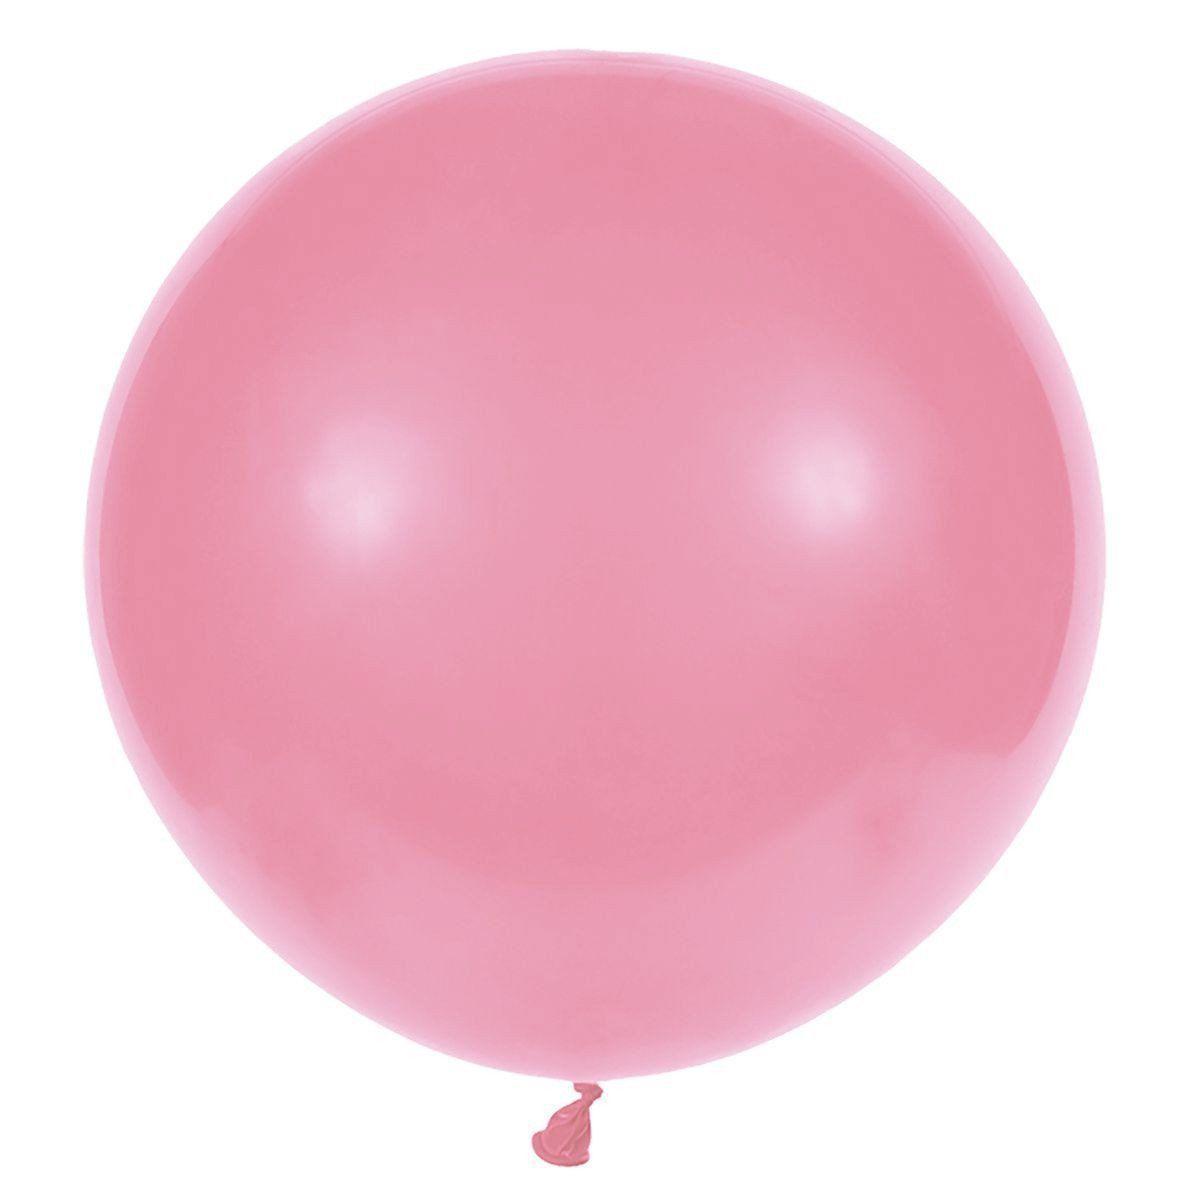 Повітряні кулі латексні G220_57 Gemar Італія, колір: пастель світло-рожевий, Діаметр 31 дюйм/80 см, 25 шт